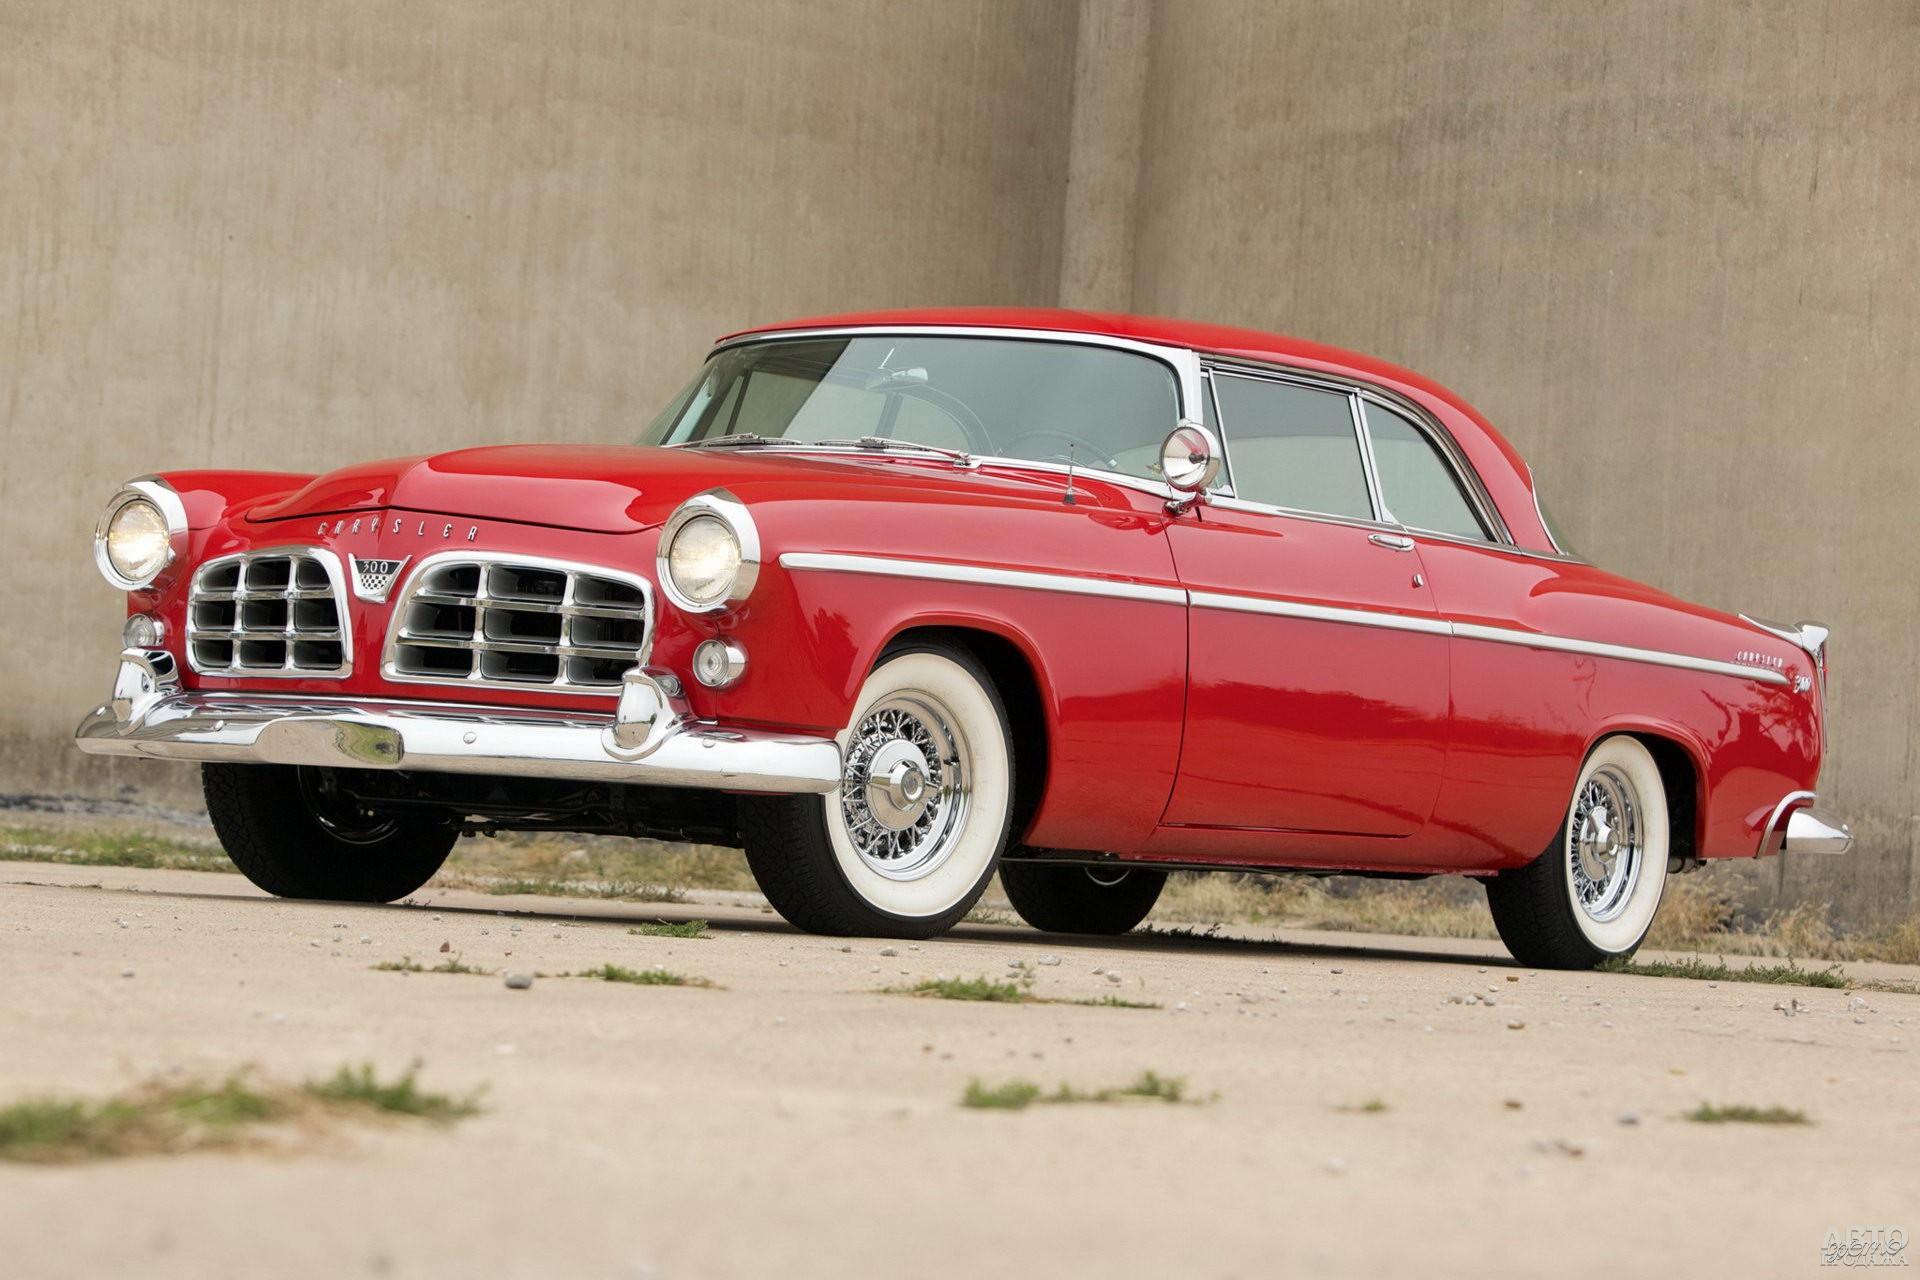 Первый Chrysler_300 1955 года